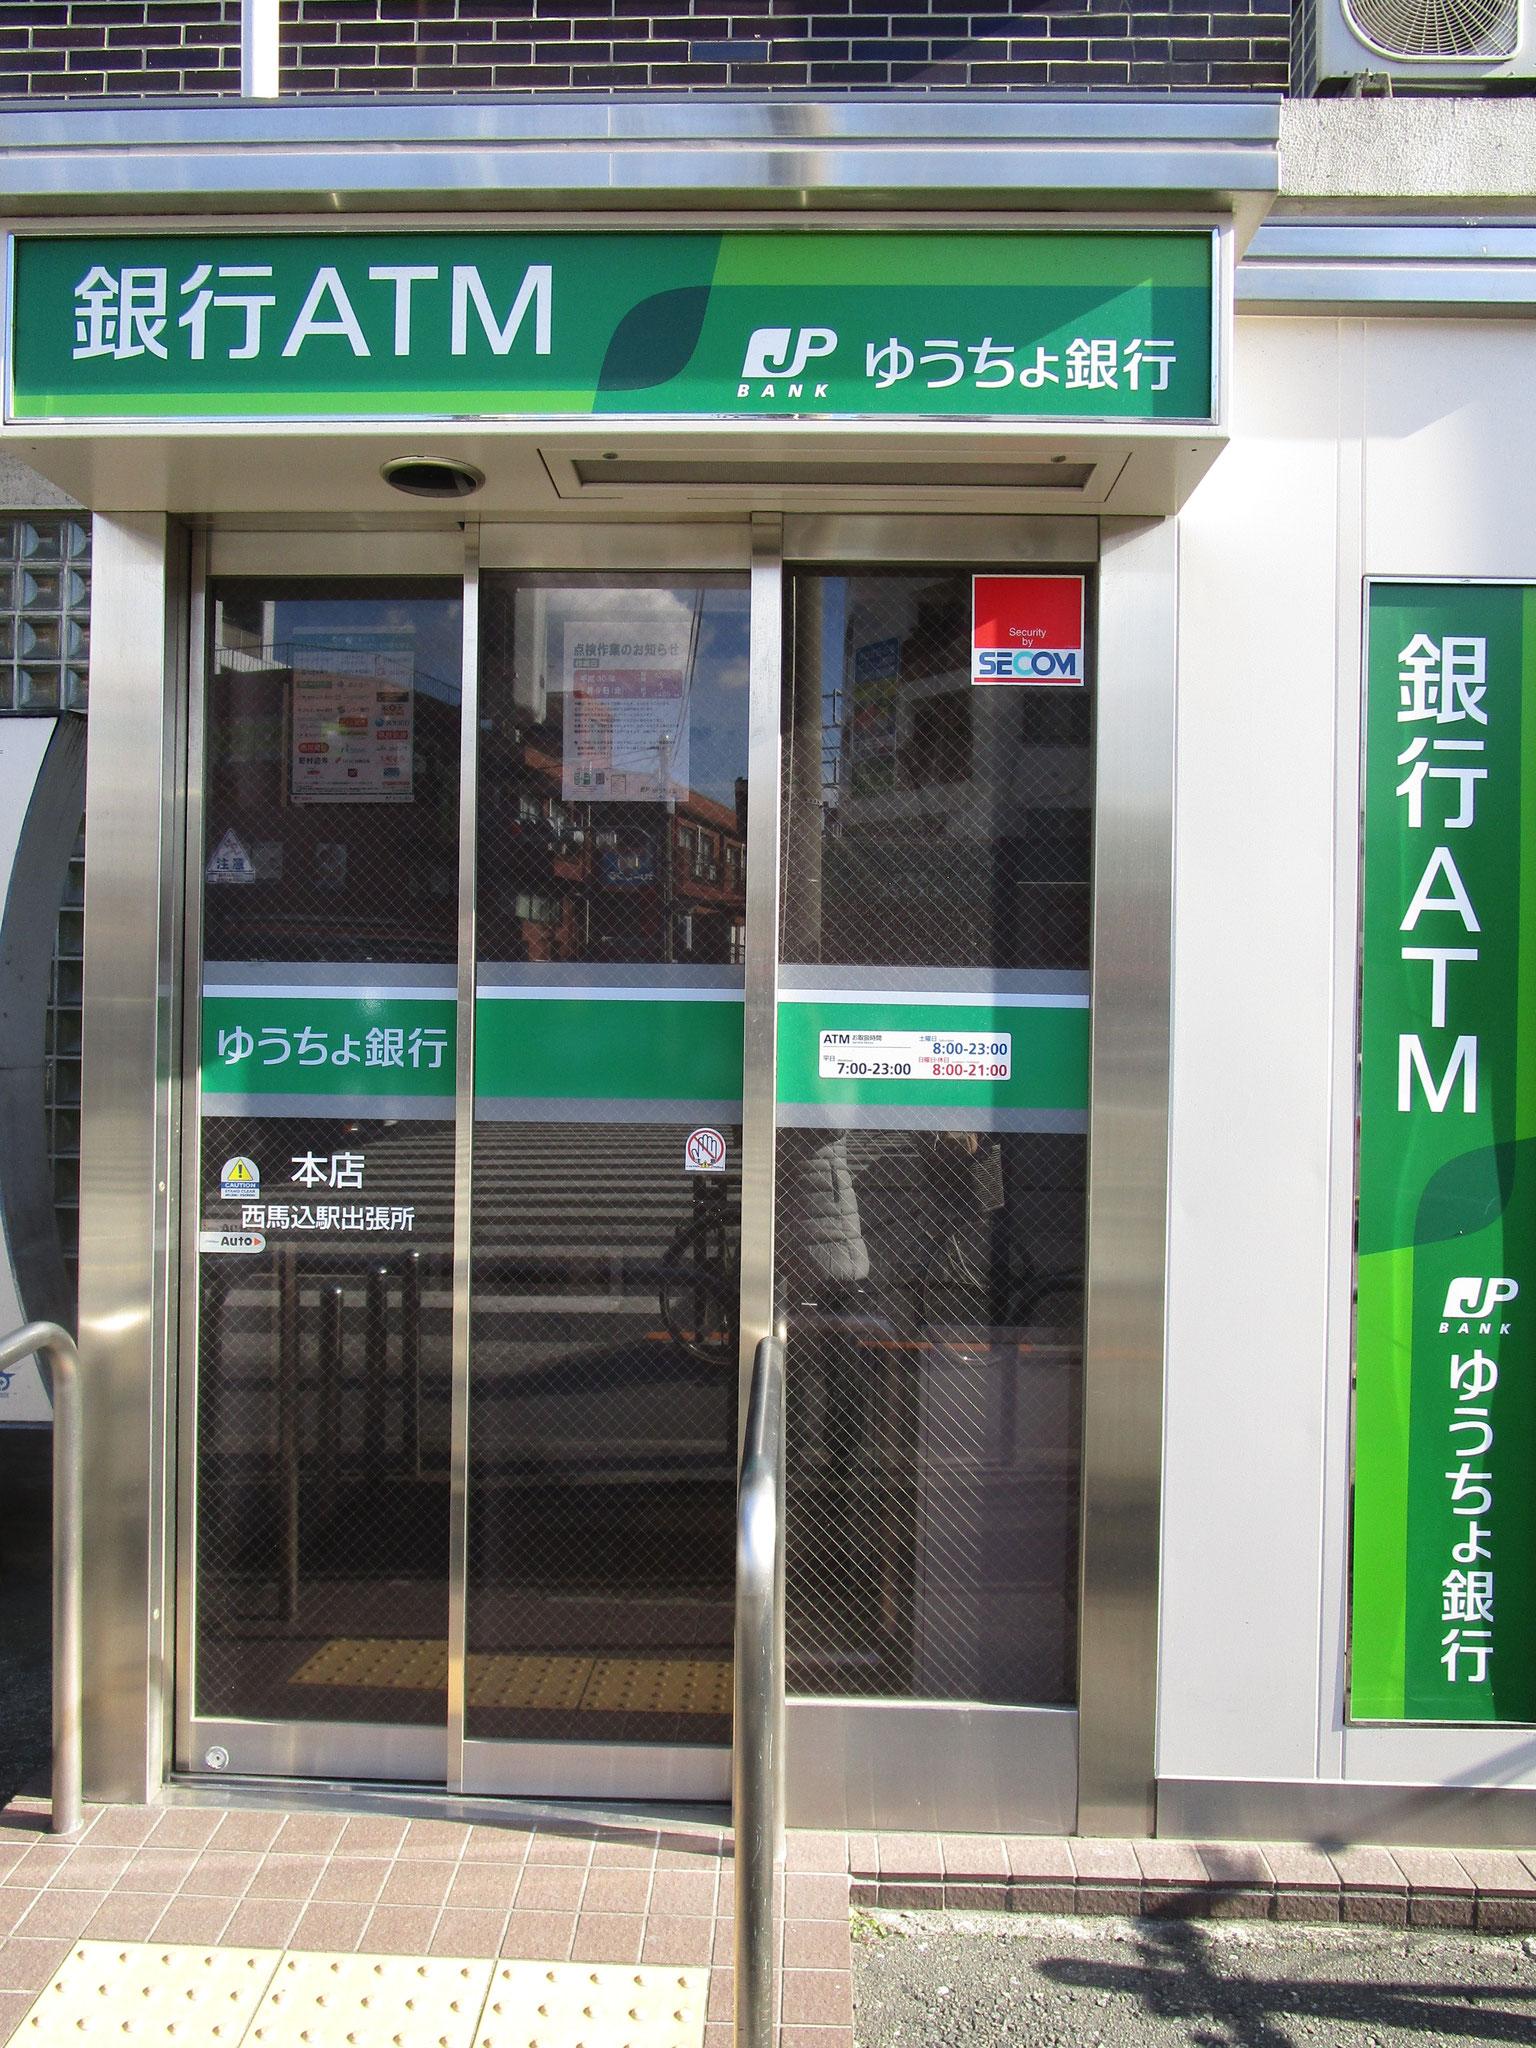 駅の横のゆうちょ銀行のATM